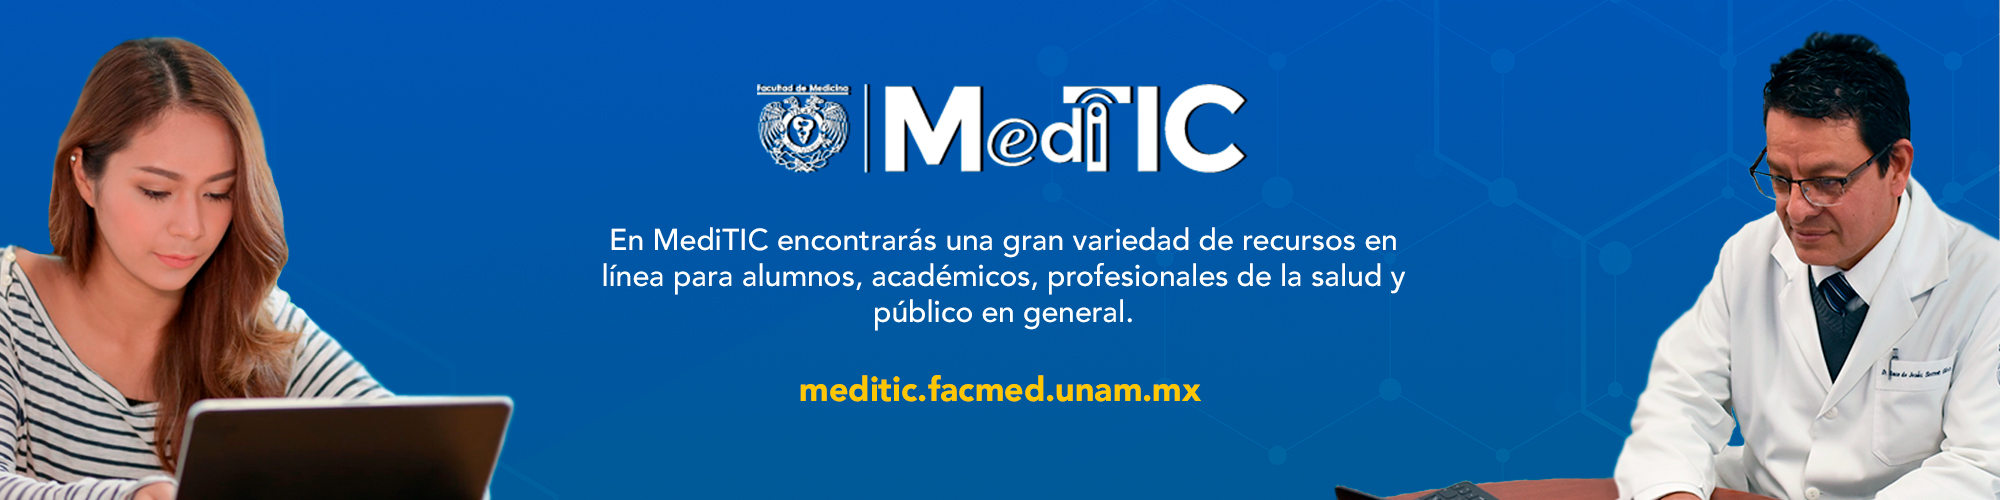 mediTic